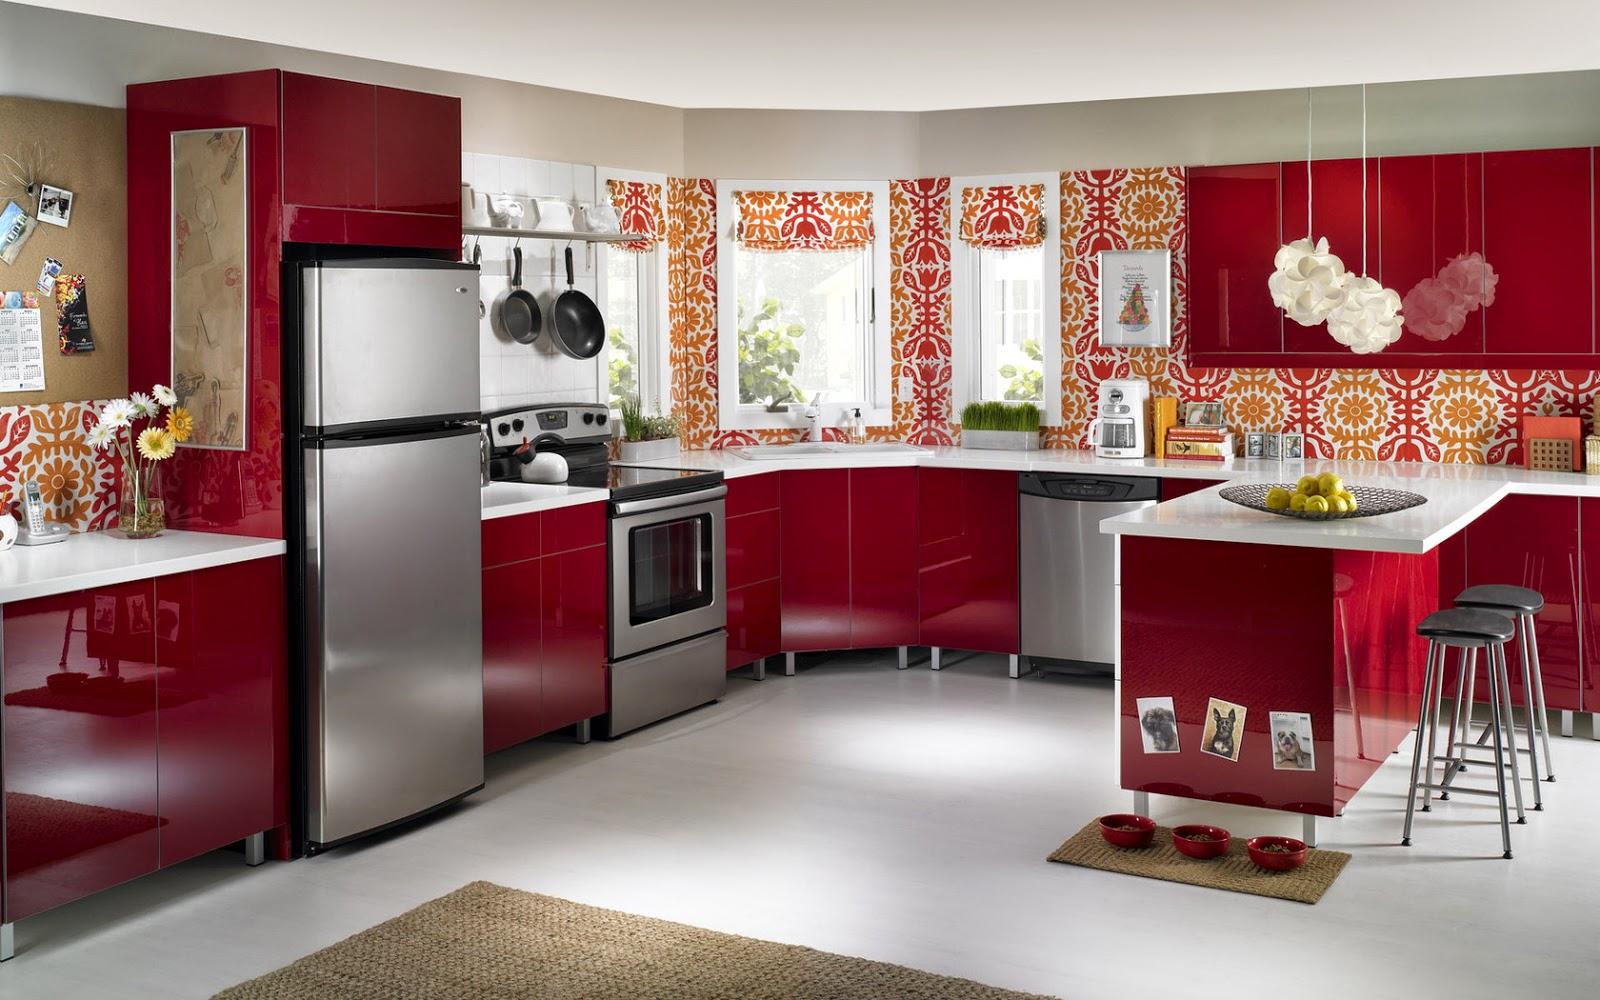 Cuisine Rouge Griotte: Nouveautes deco pour la cuisine. Meubles ...